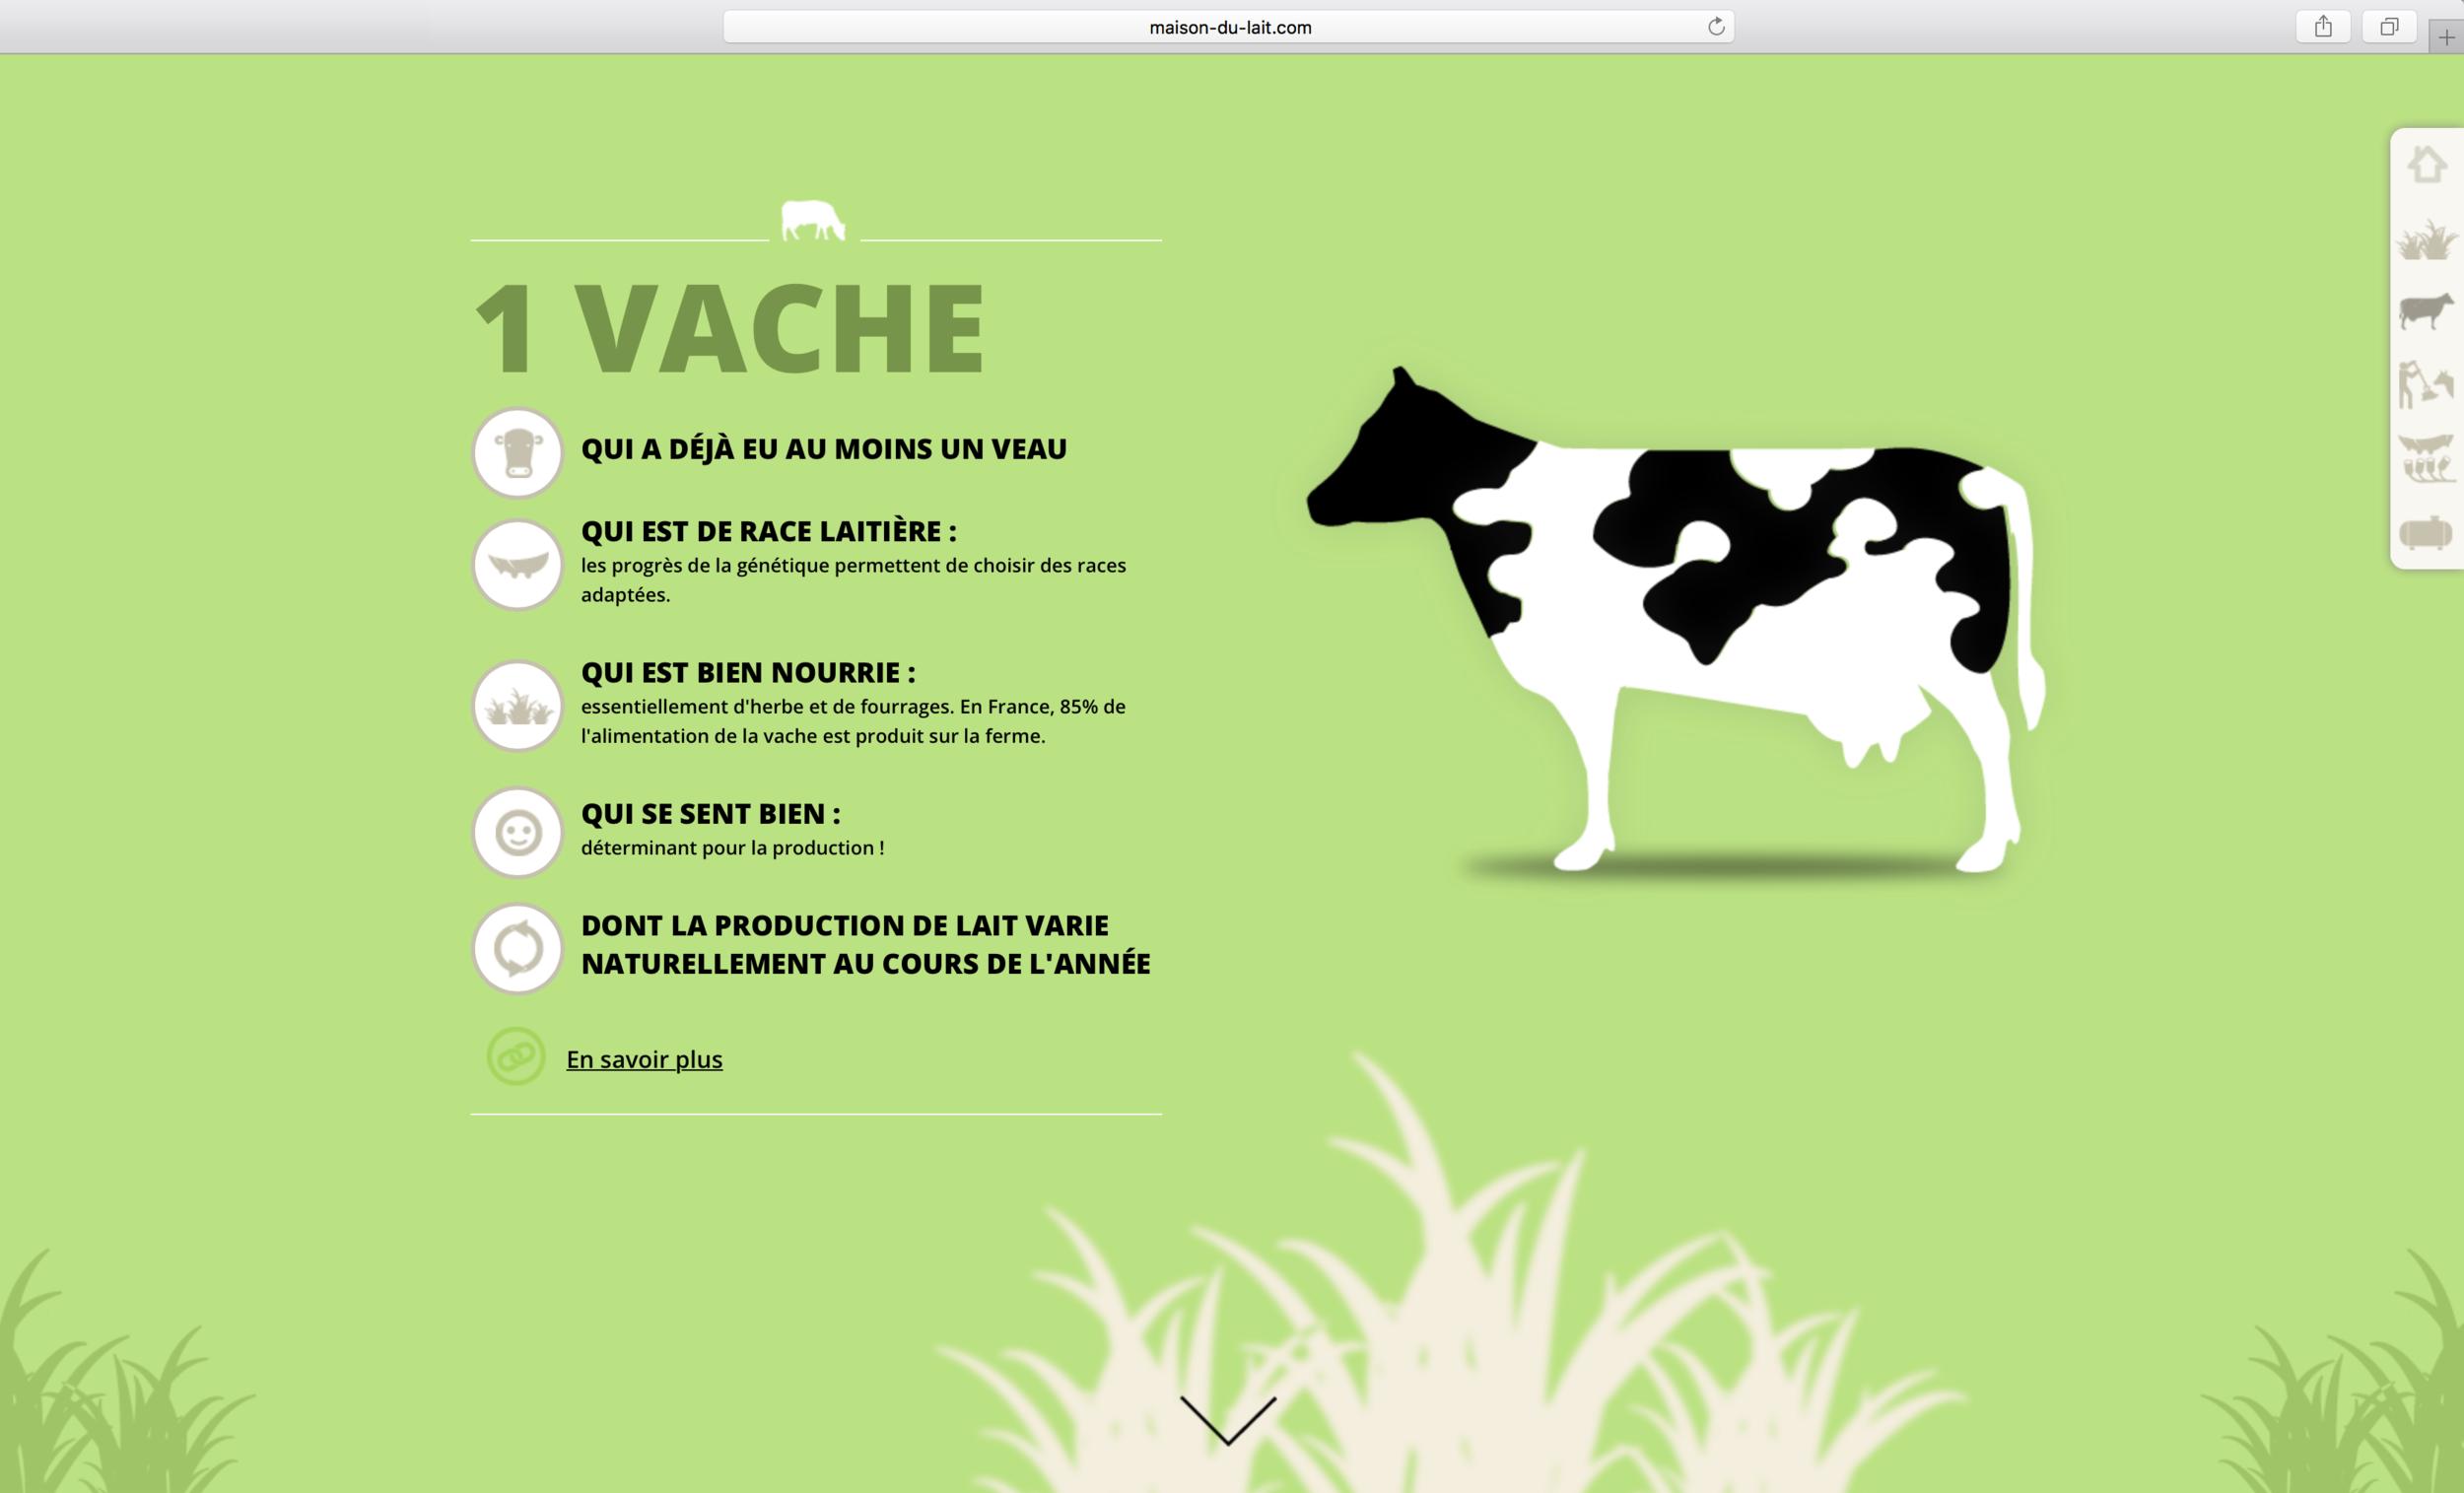 Un des visuels de maison-du-lait.com #scrollitelling #storytelling http://www.maison-du-lait.com/sites/all/animations/pour-produire-1L-de-lait/index.html#introduction